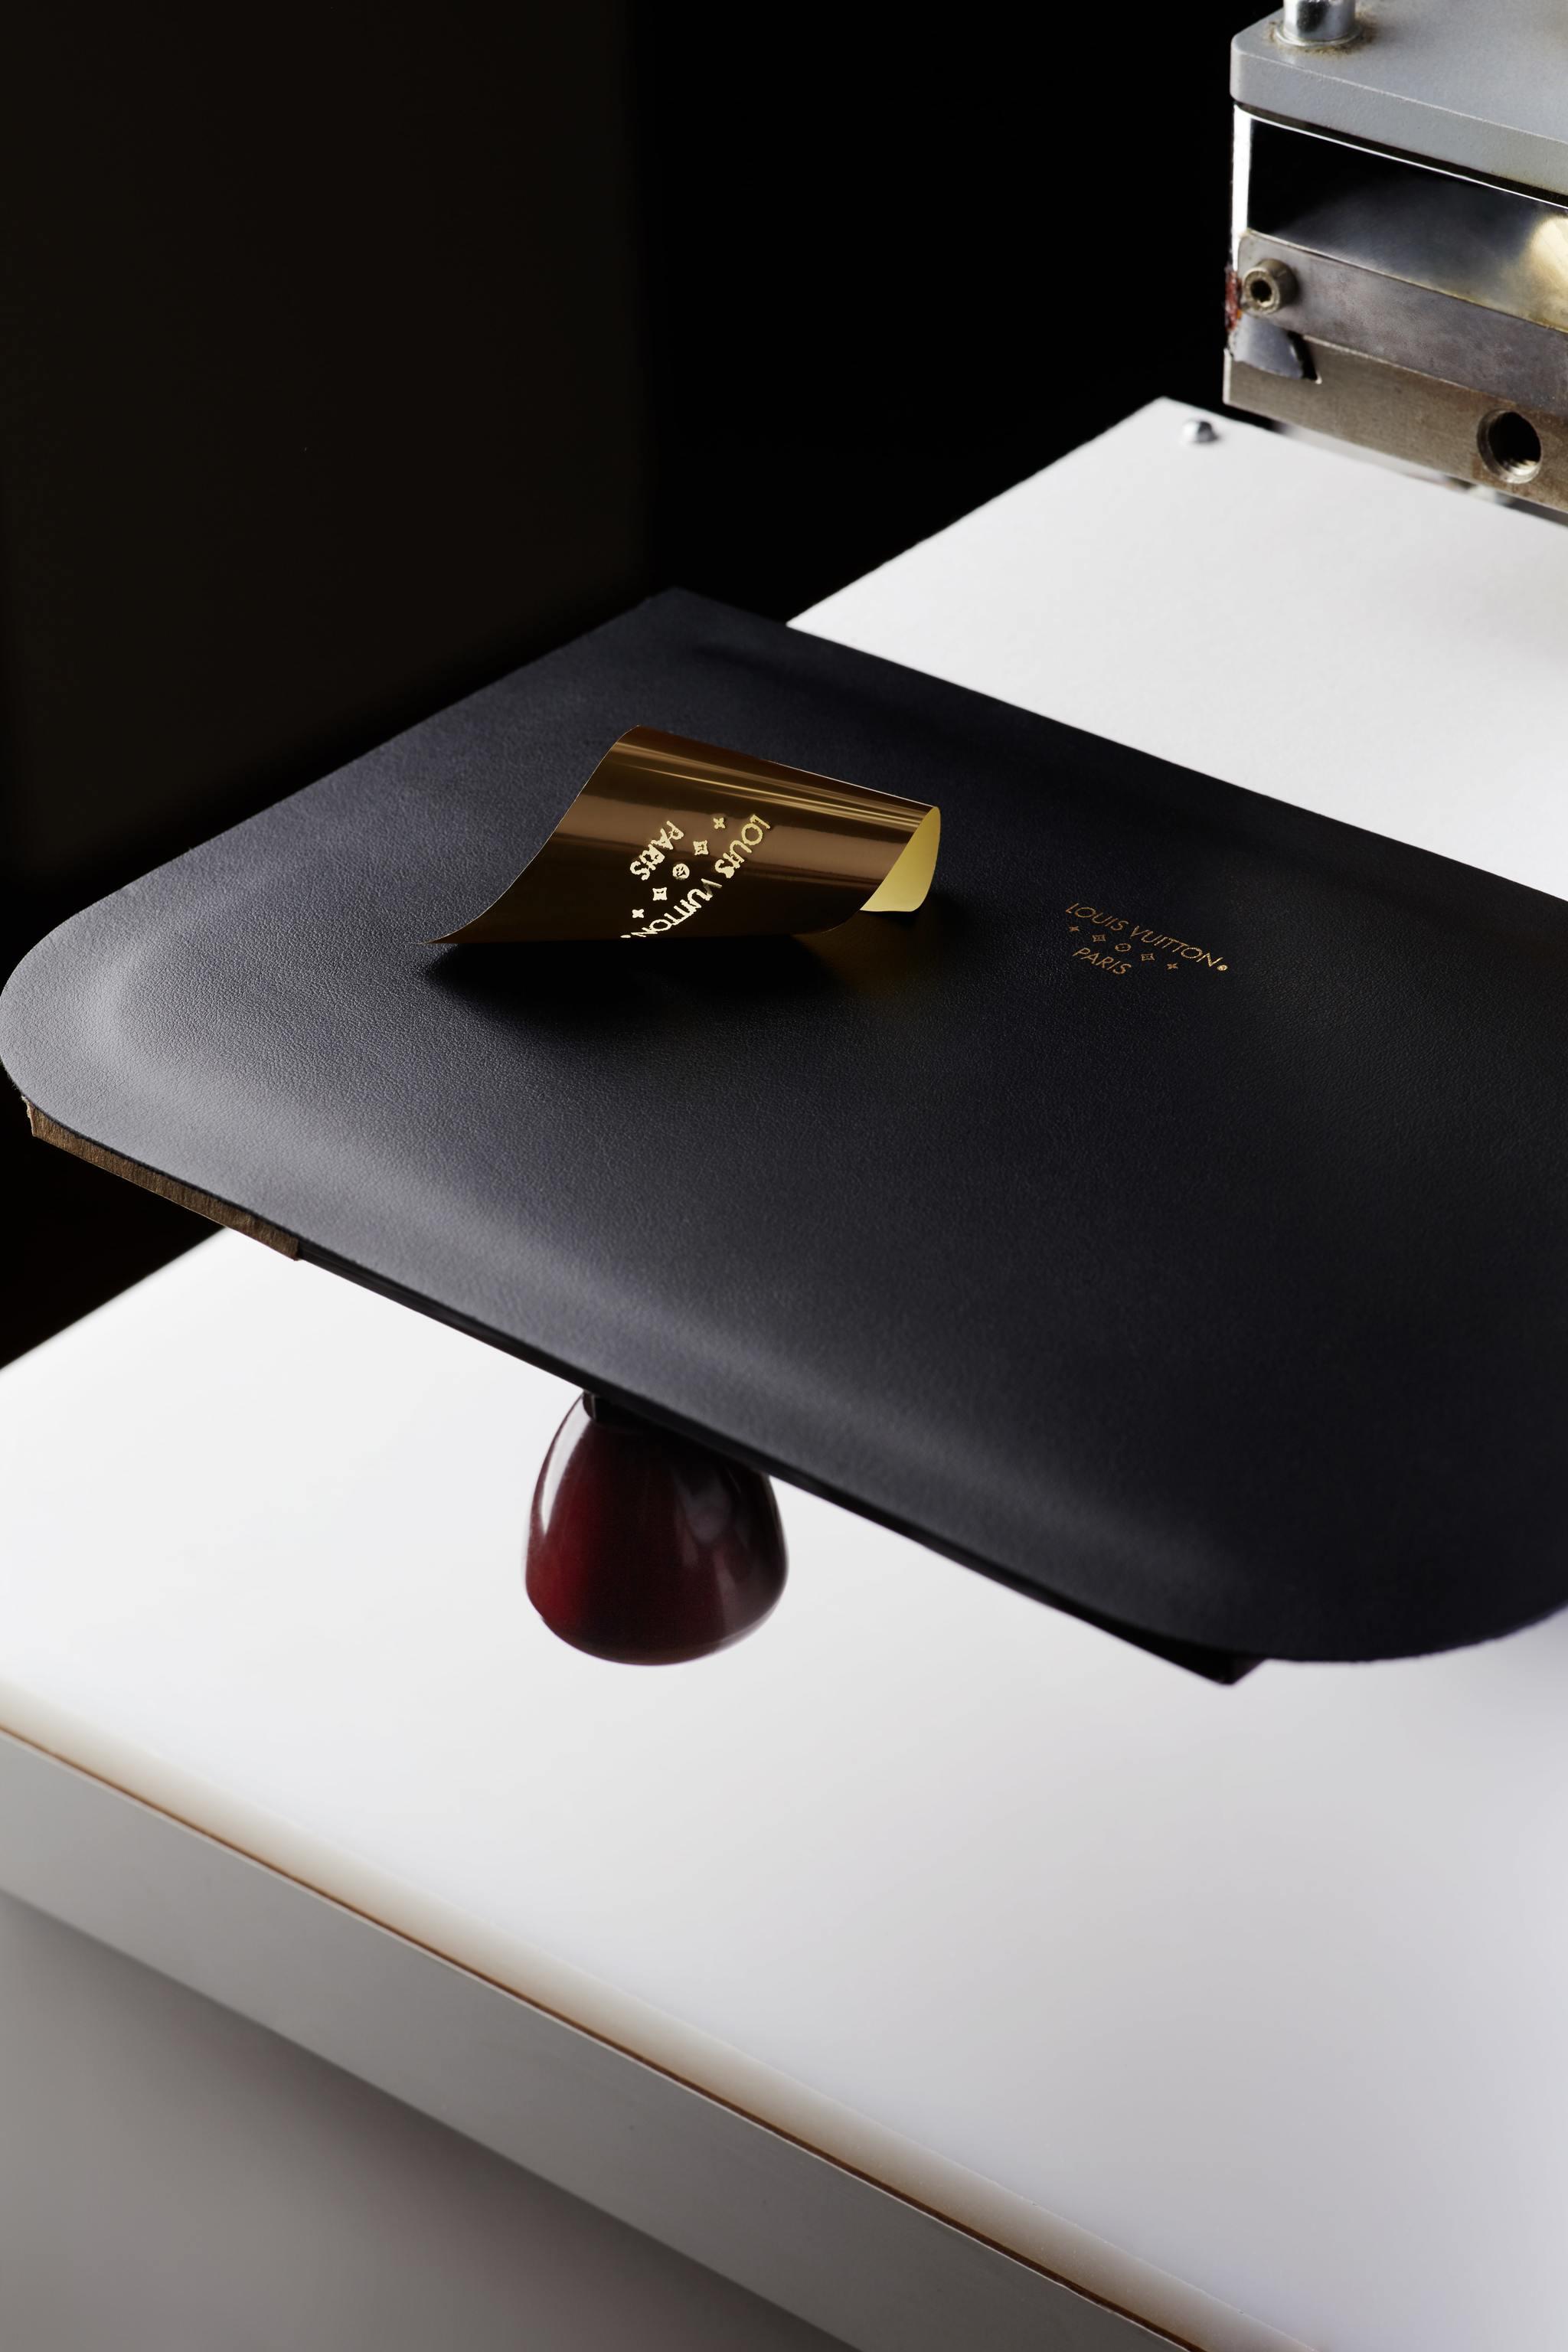 Utilización del papel de oro para realizar el hot stamping de Louis...